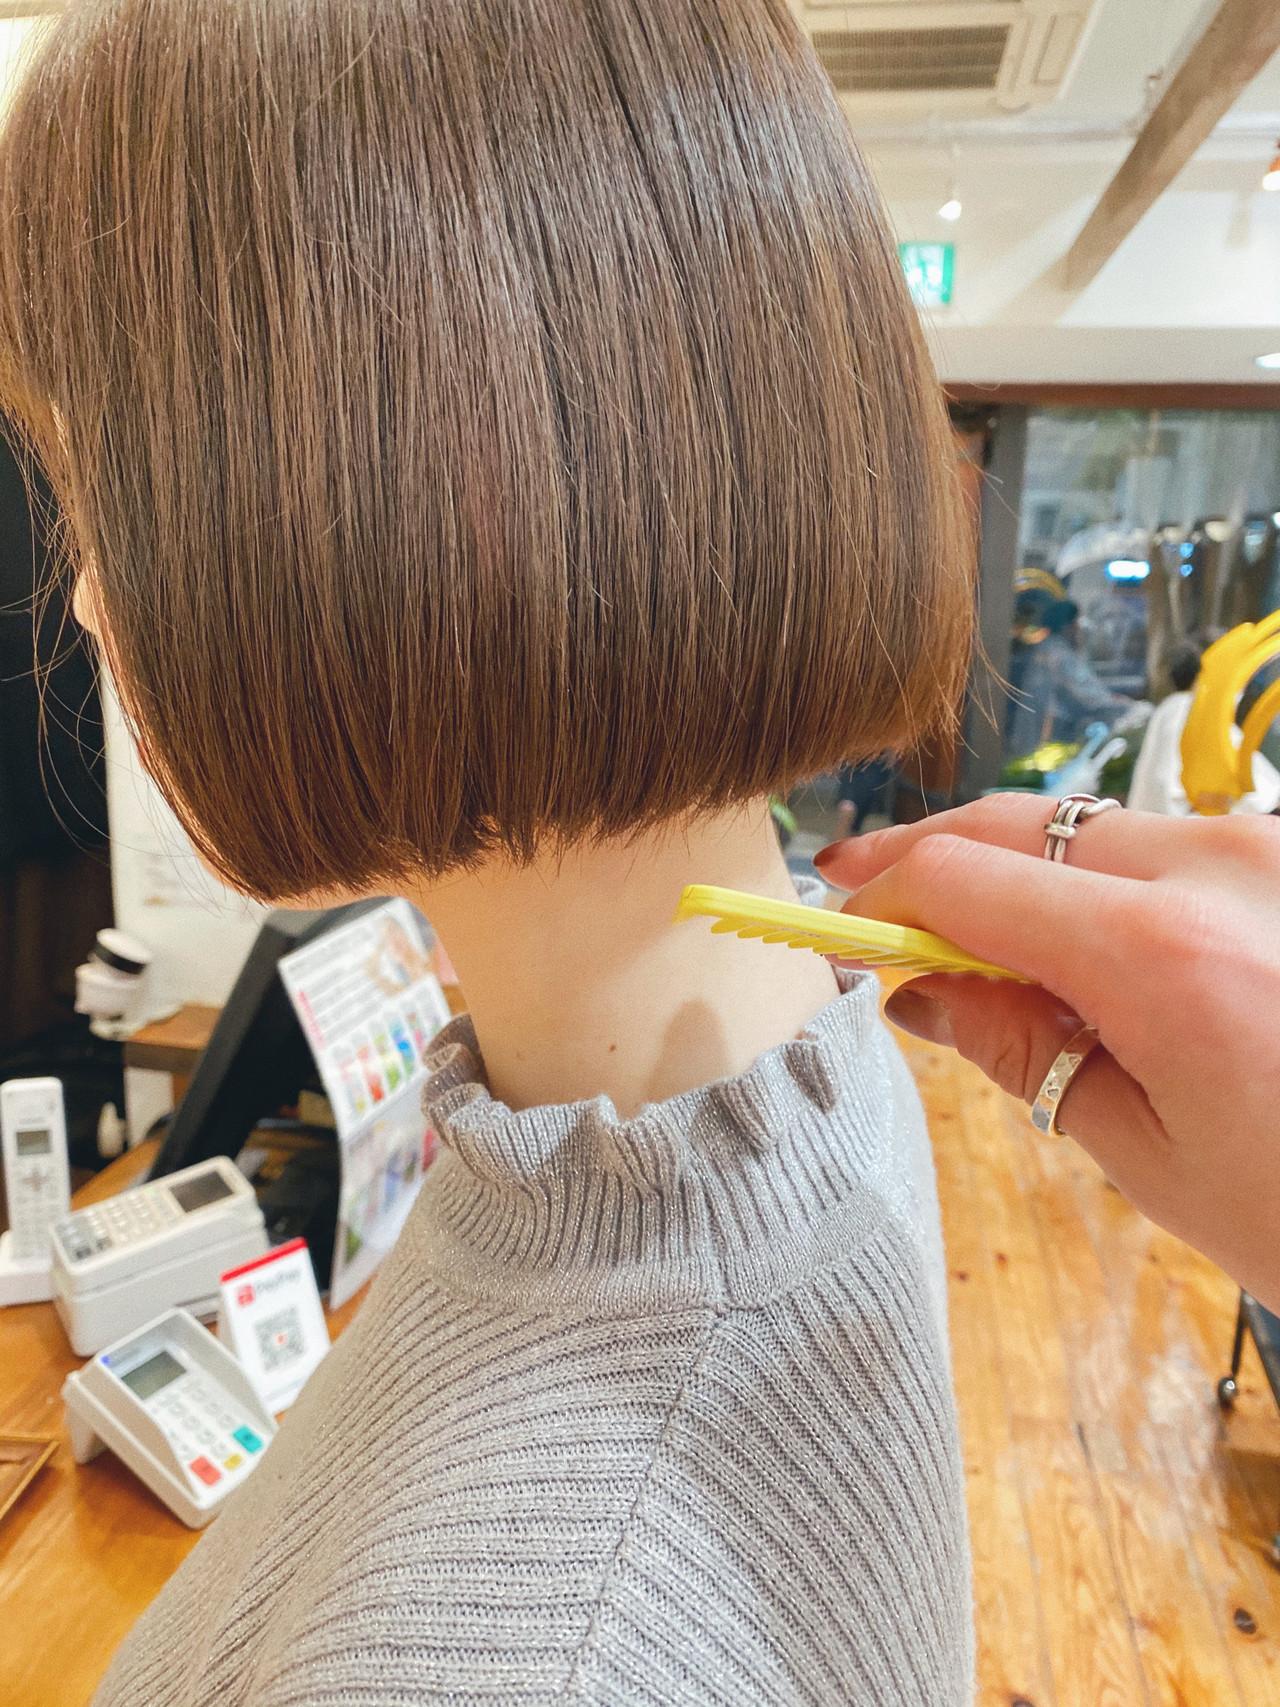 モテボブ 切りっぱなしボブ ボブ ボブヘアー ヘアスタイルや髪型の写真・画像